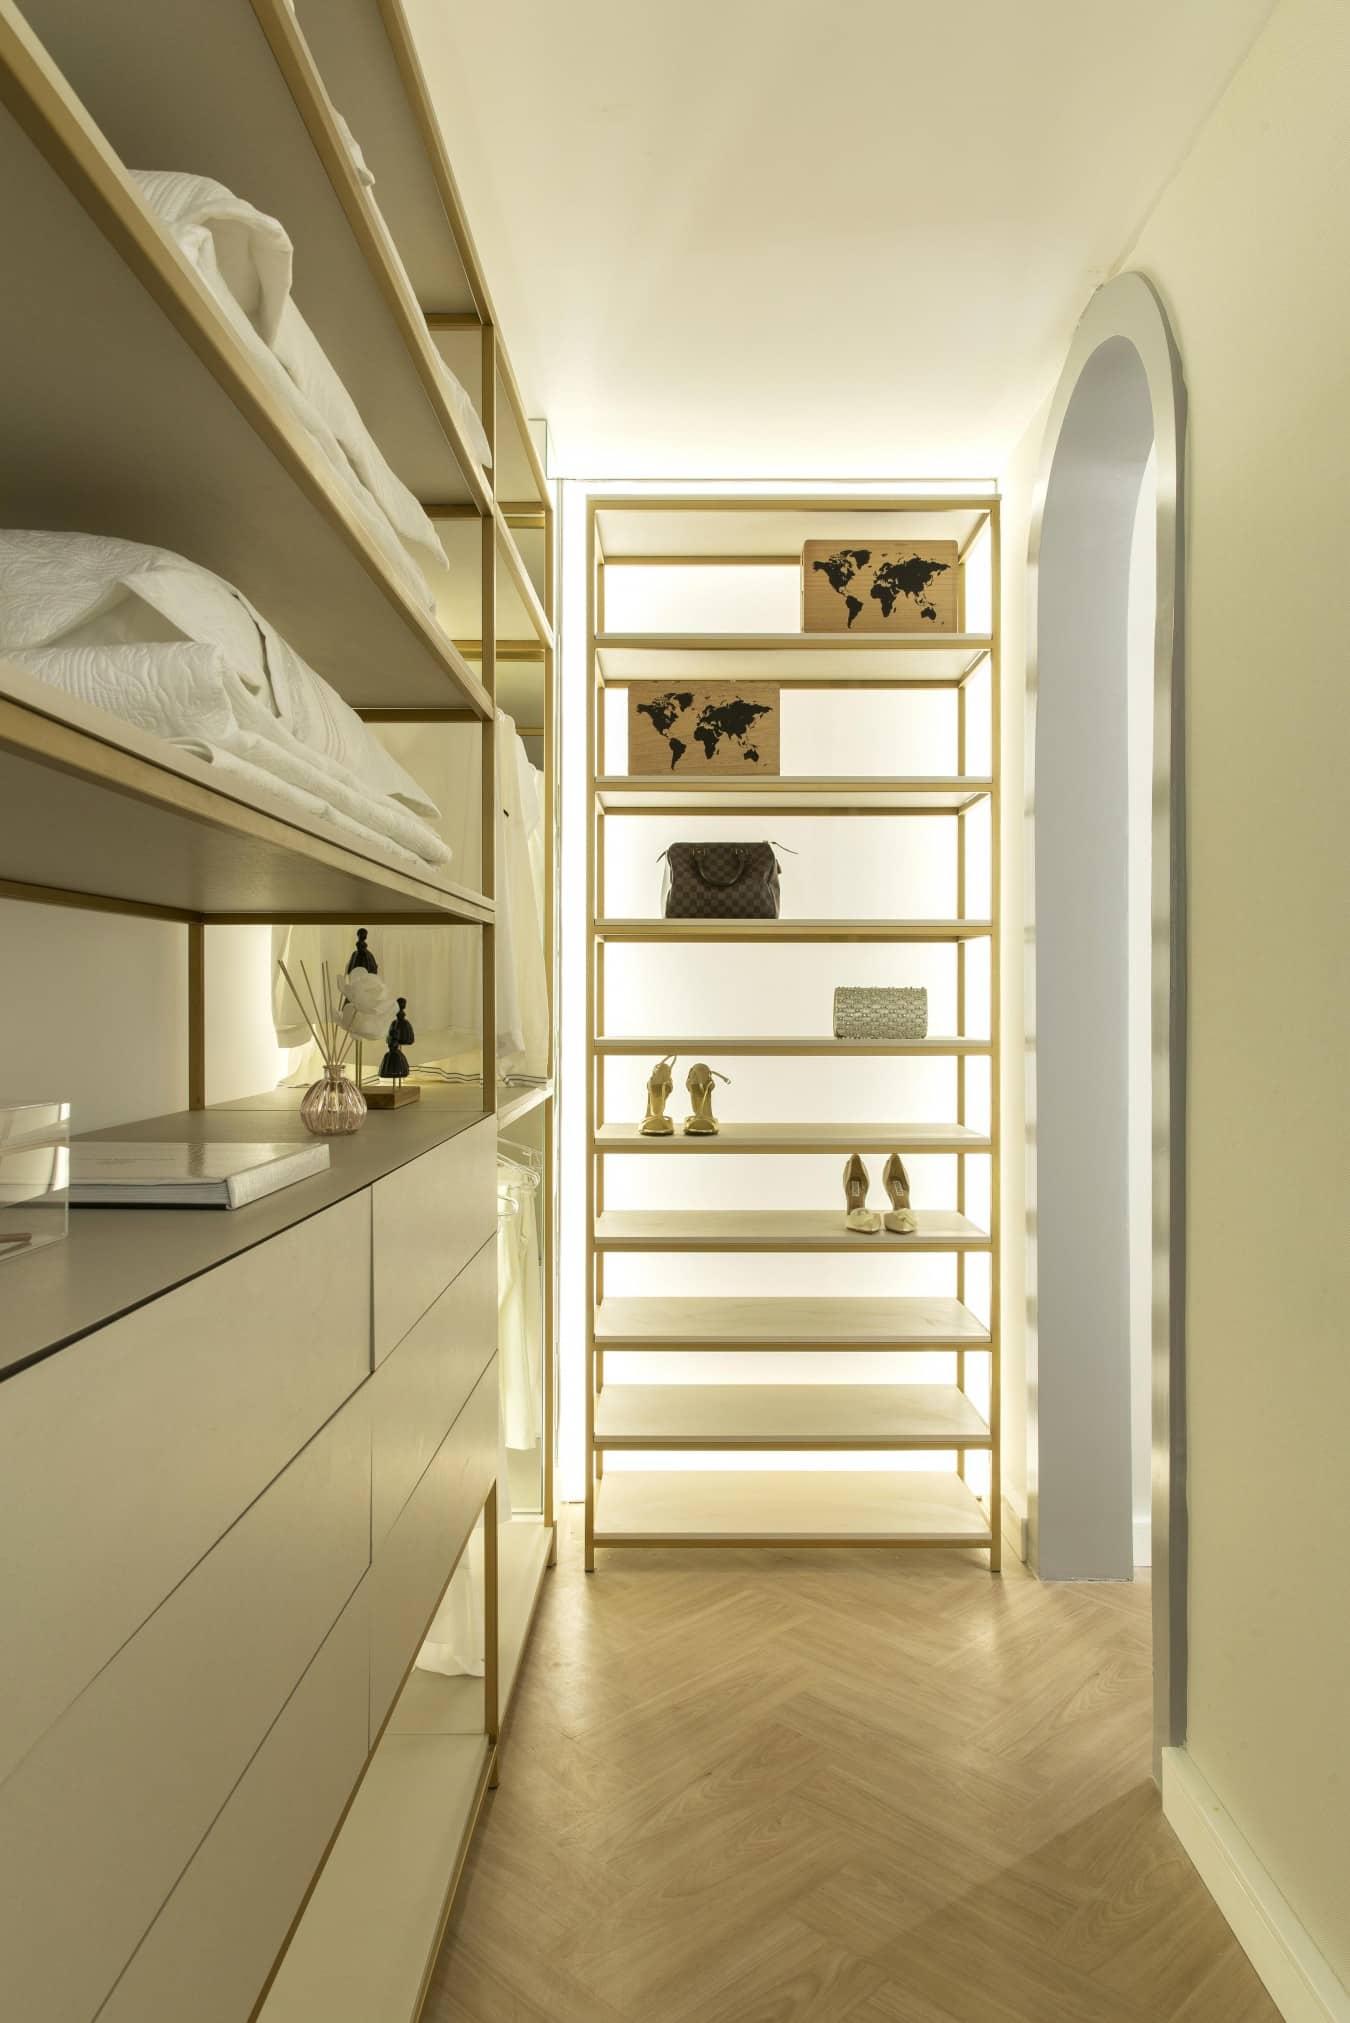 banheiro closet3 - Minimalismo é inspiração na CASACOR PE